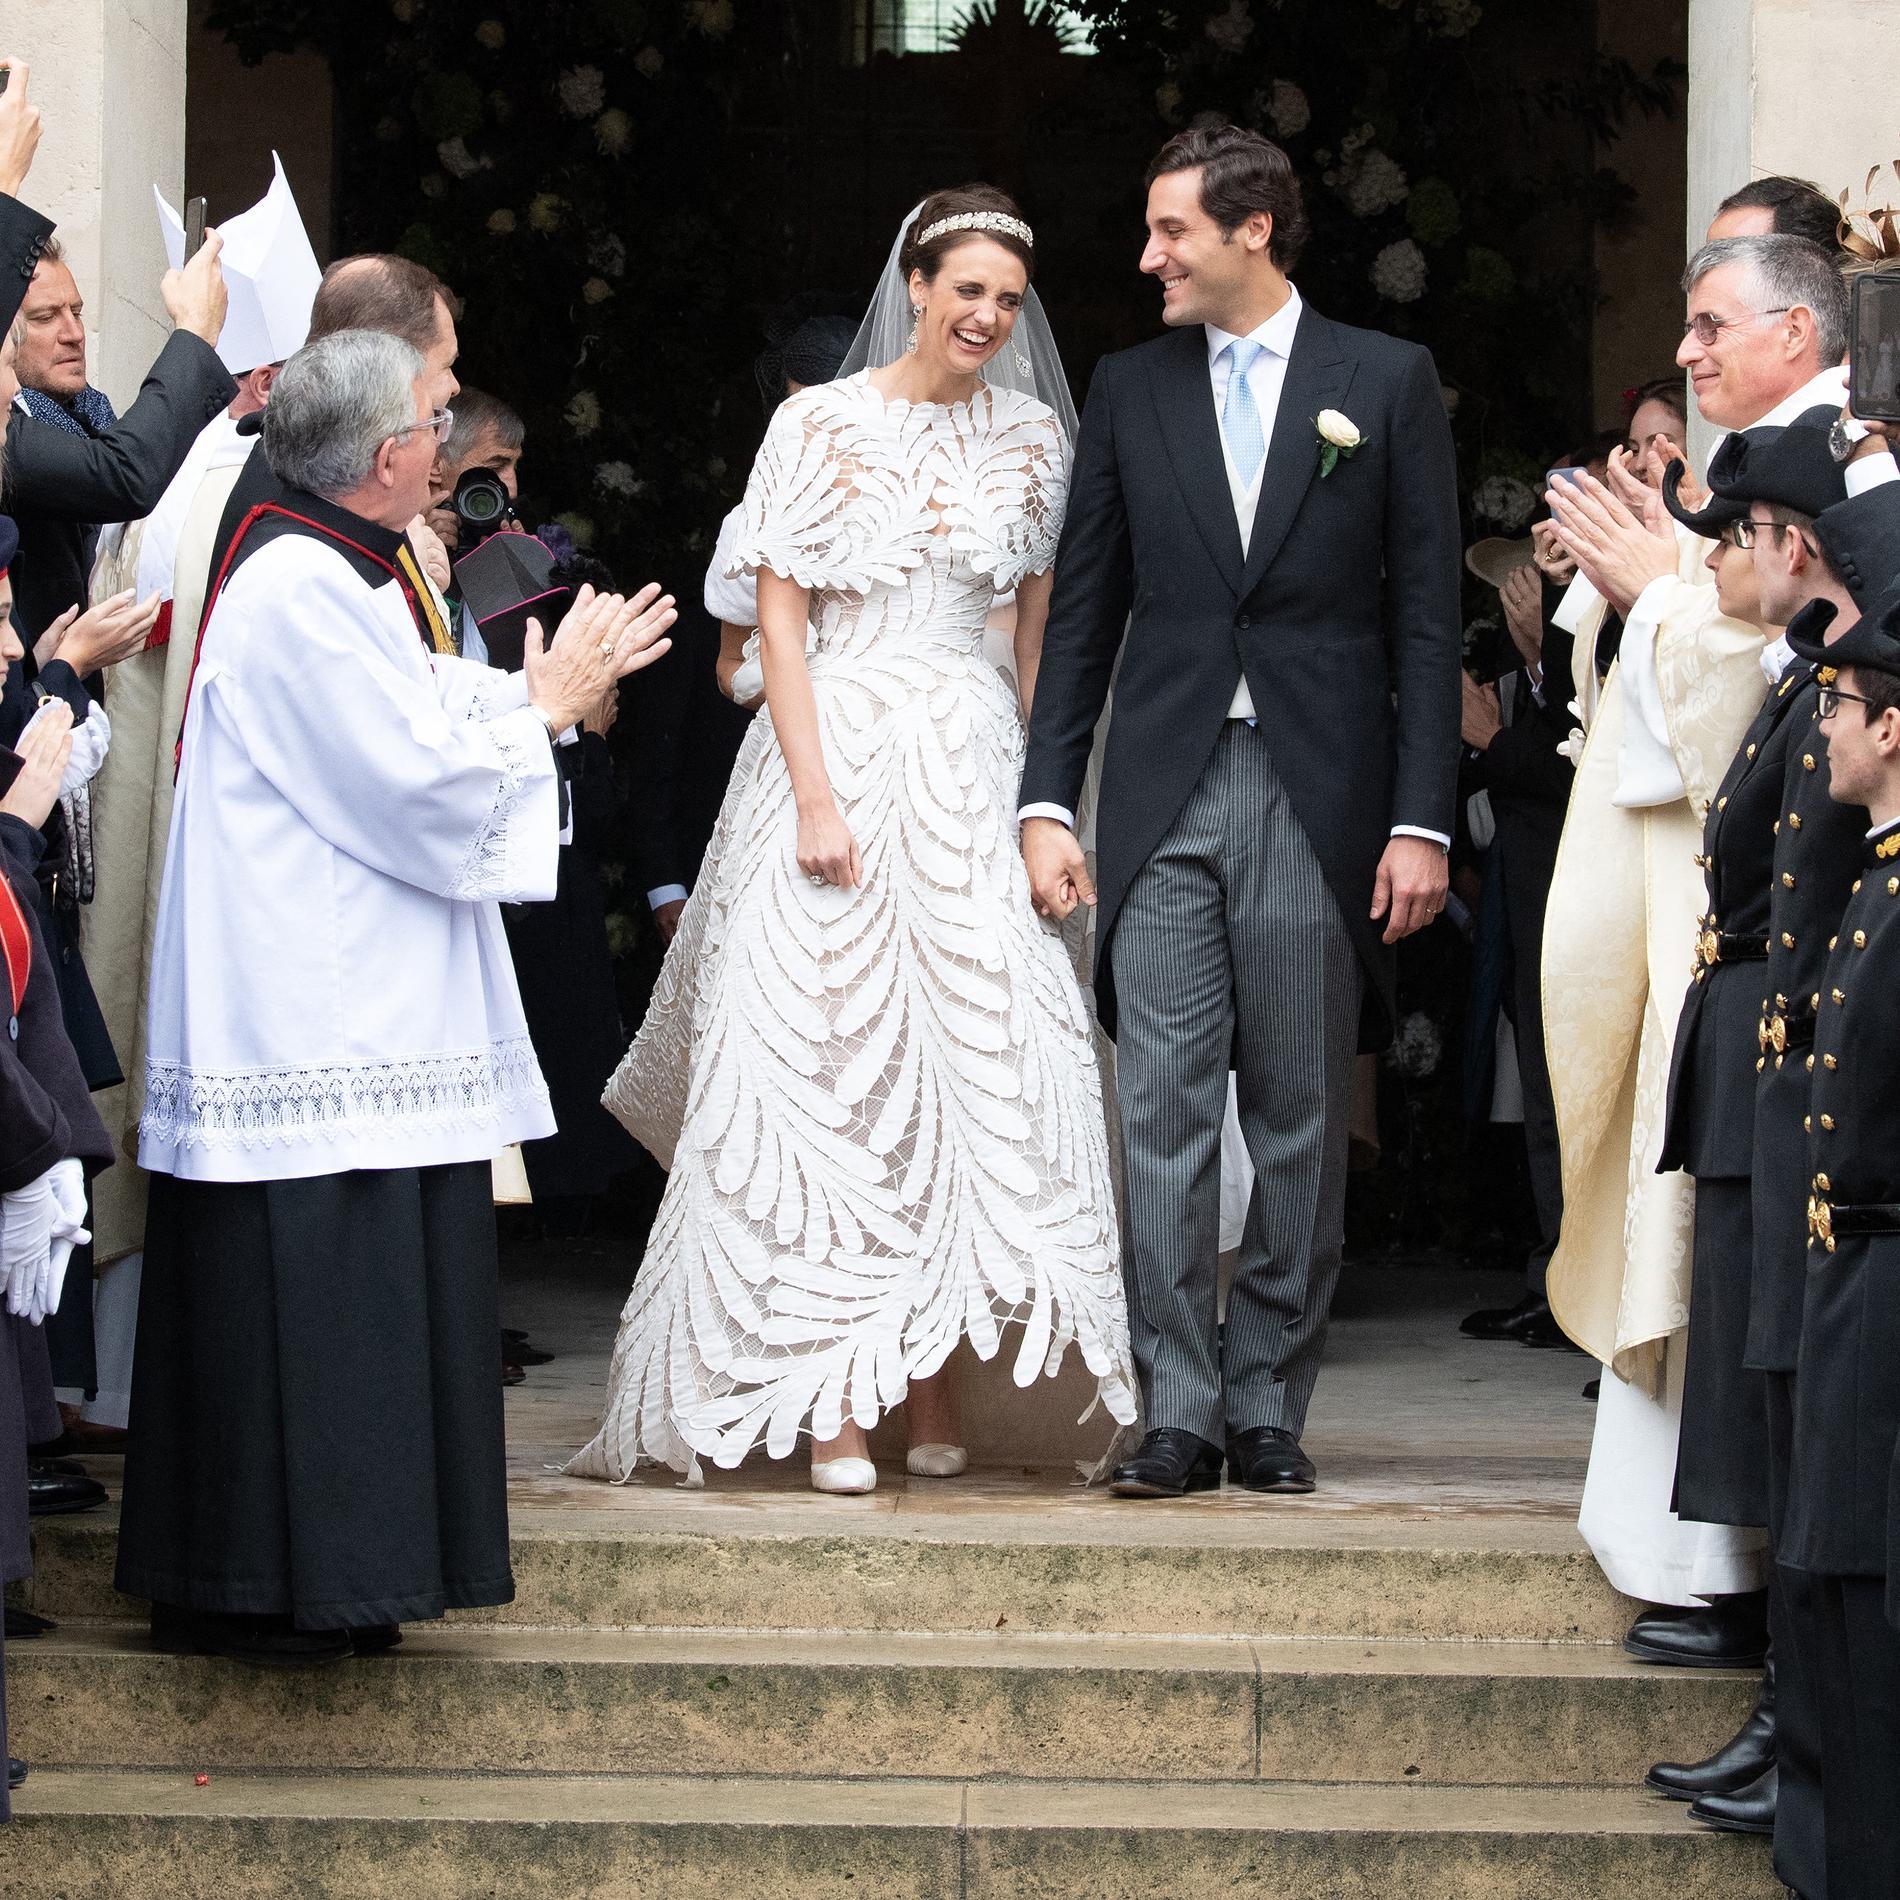 Le mariage de Jean-Christophe Napoléon et de la comtesse Olympia